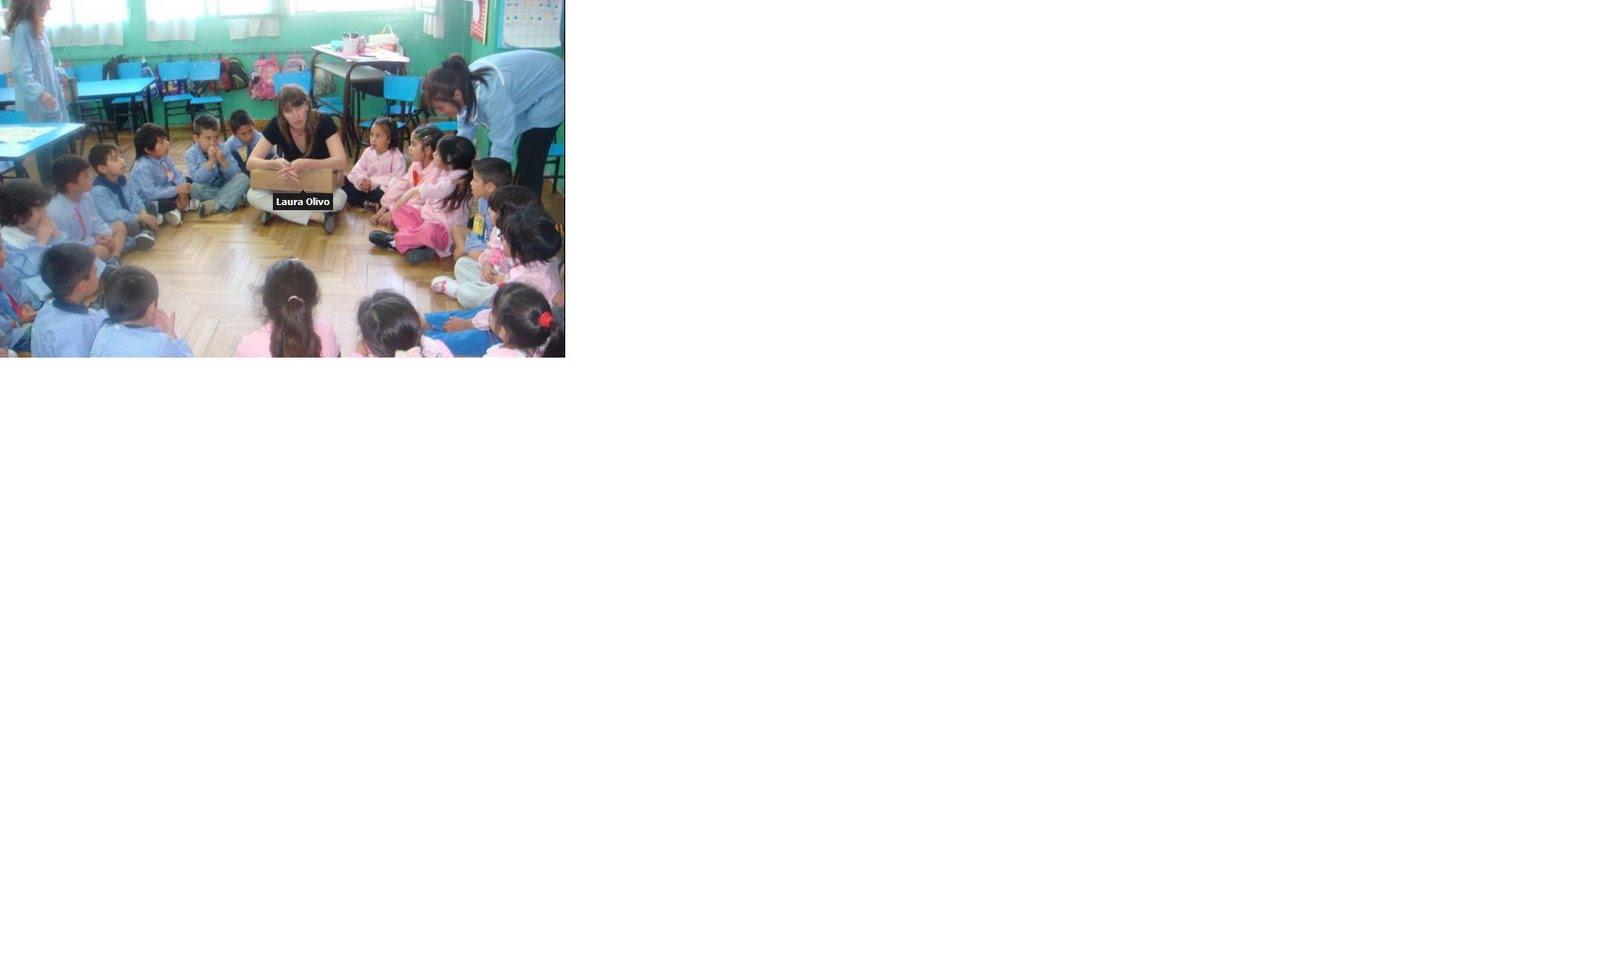 Jardin de infantes 925 de quilmes for Asistenciero para jardin de infantes